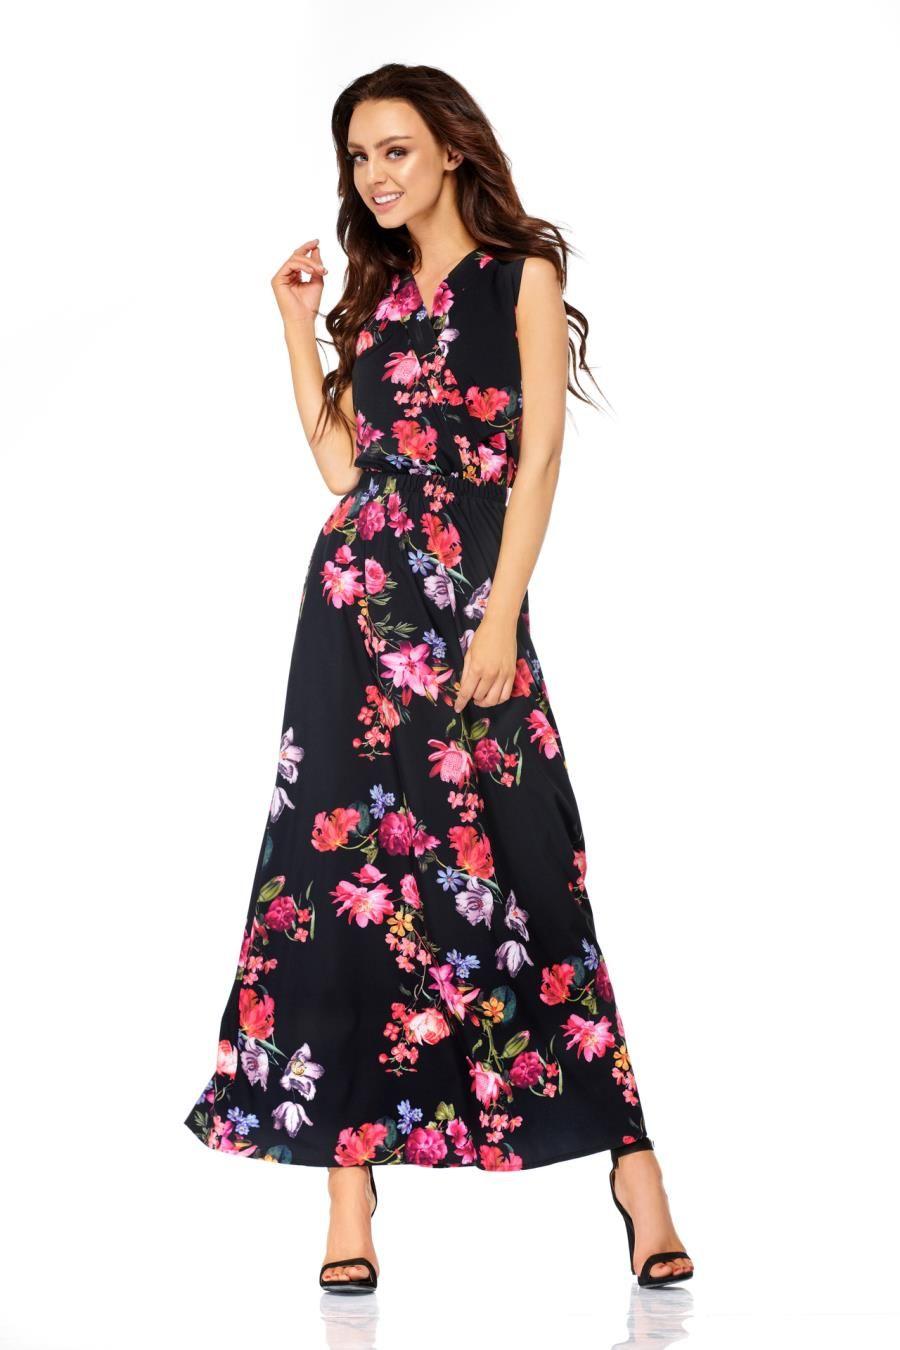 b3512338 Sukienka Maxi Czarna w Kwiaty LEL304 w 2019   Sukienka, Sukienki ...